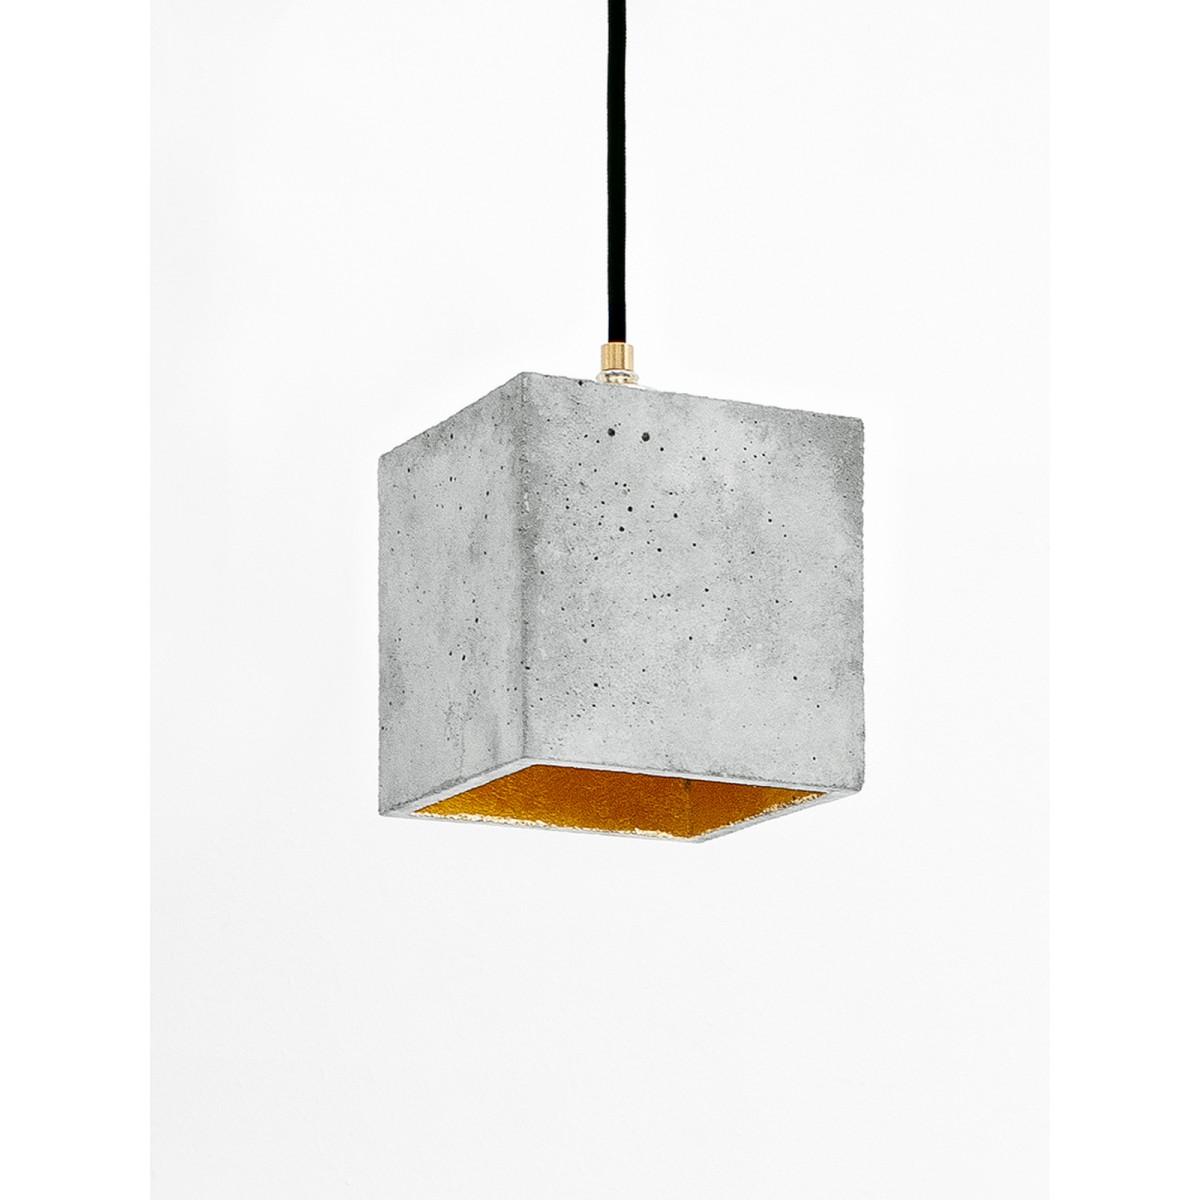 Beton Hängelampe [B1] Lampe Gold minimalistisch